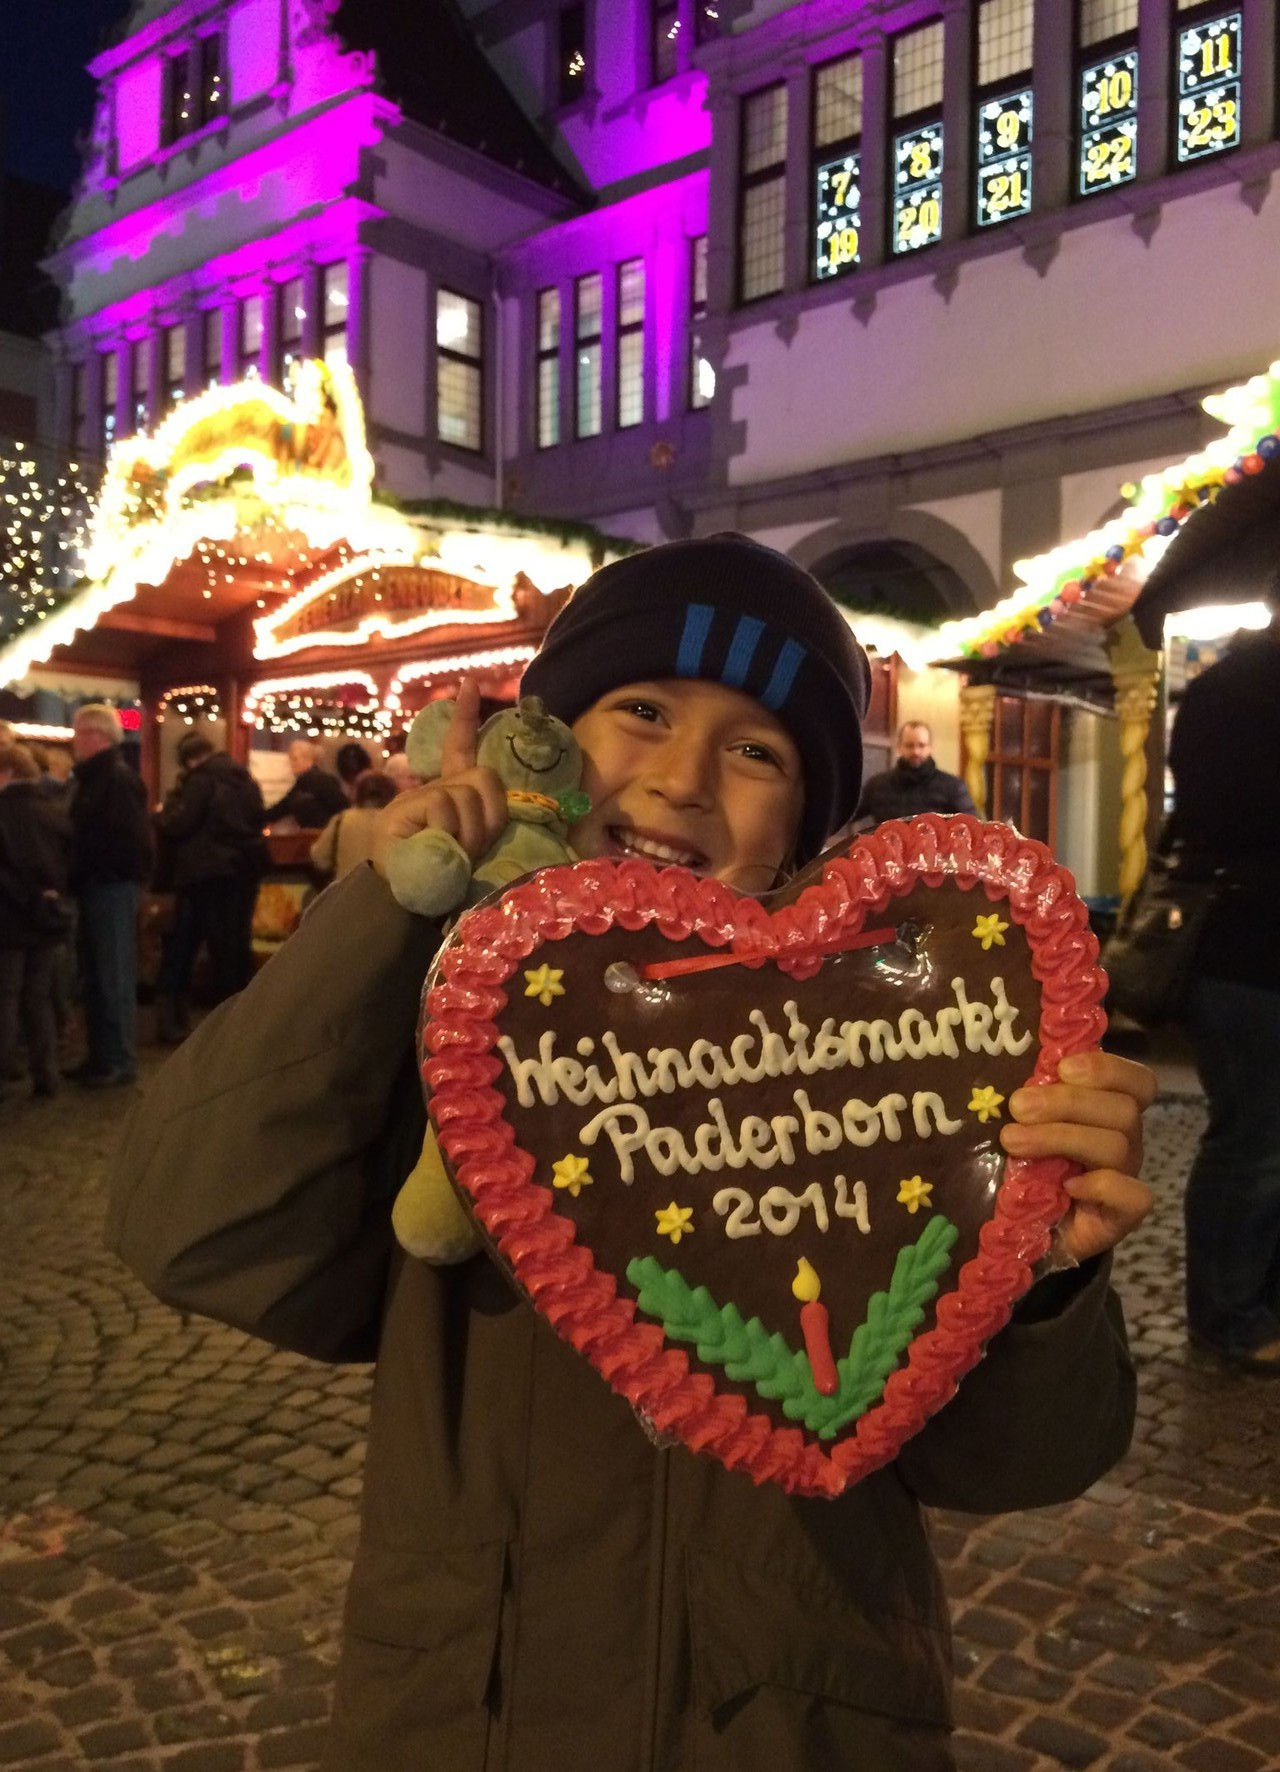 November 2014 zur Weihnachtsmarkteröffnung